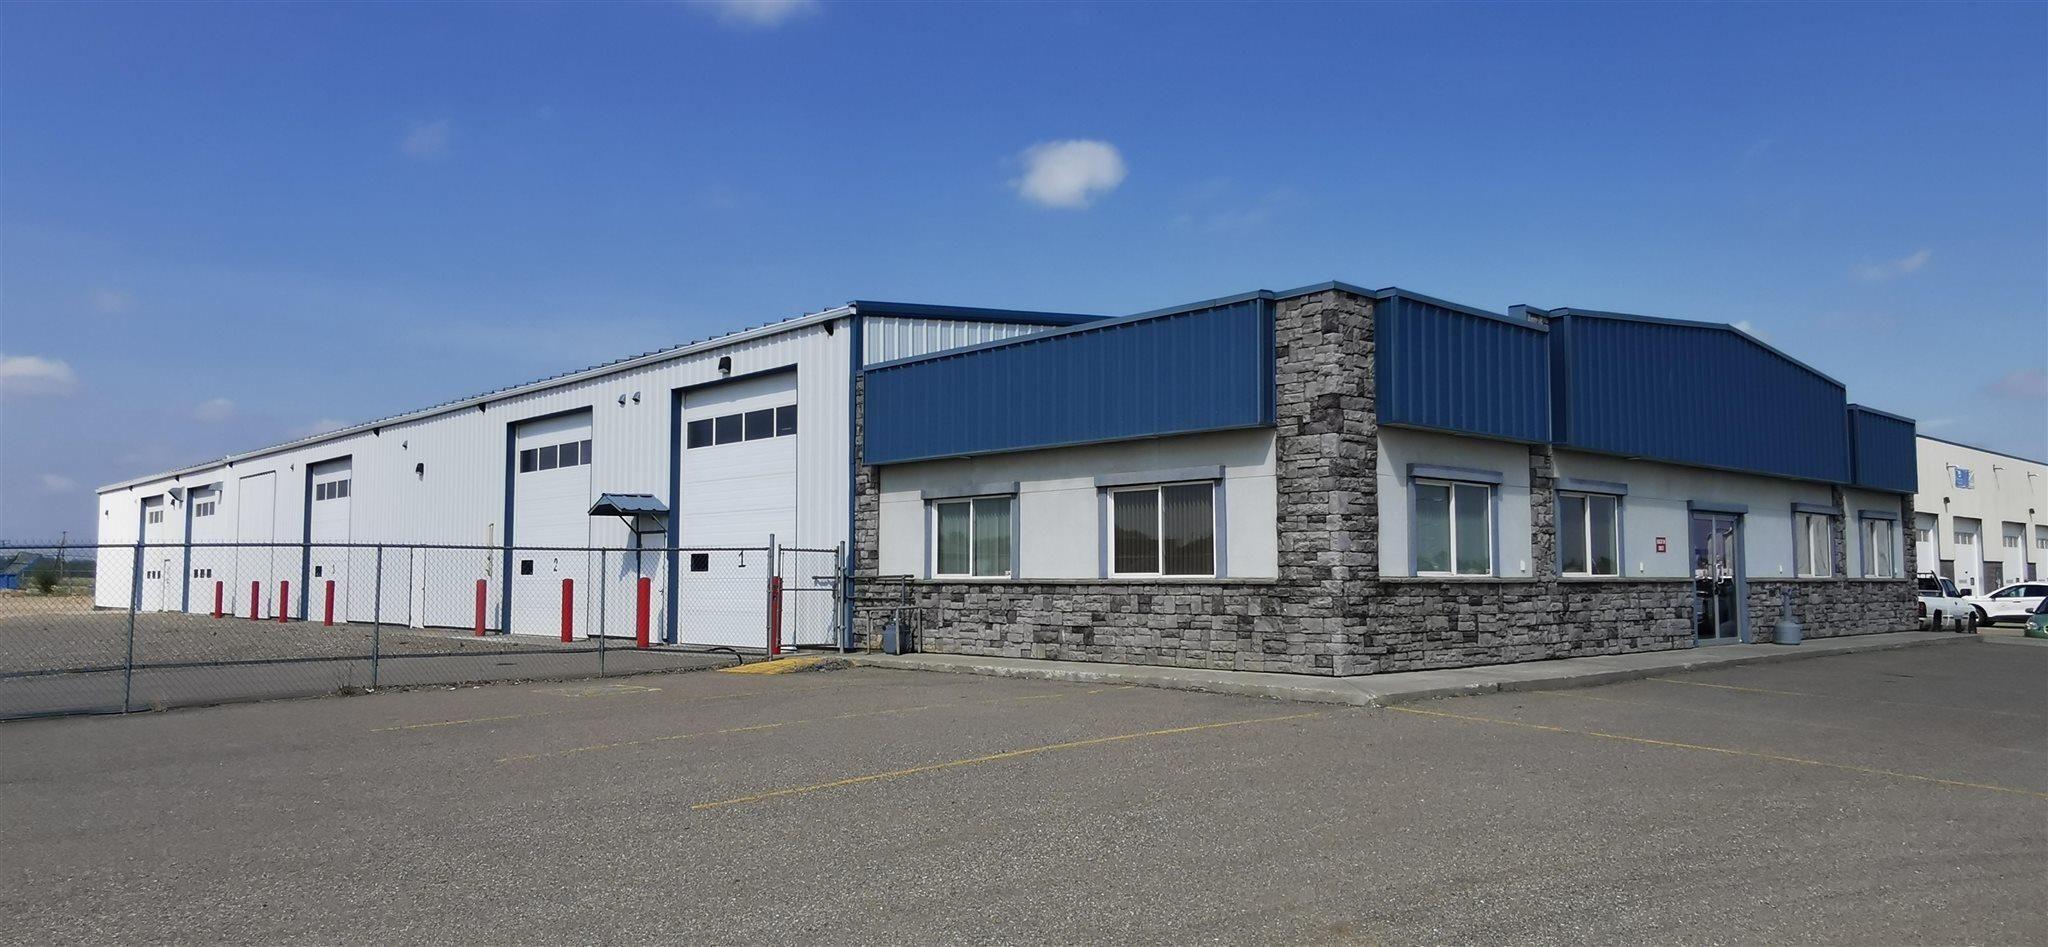 Main Photo: 9304 111 Street in Fort St. John: Fort St. John - City SW Industrial for sale (Fort St. John (Zone 60))  : MLS®# C8040617